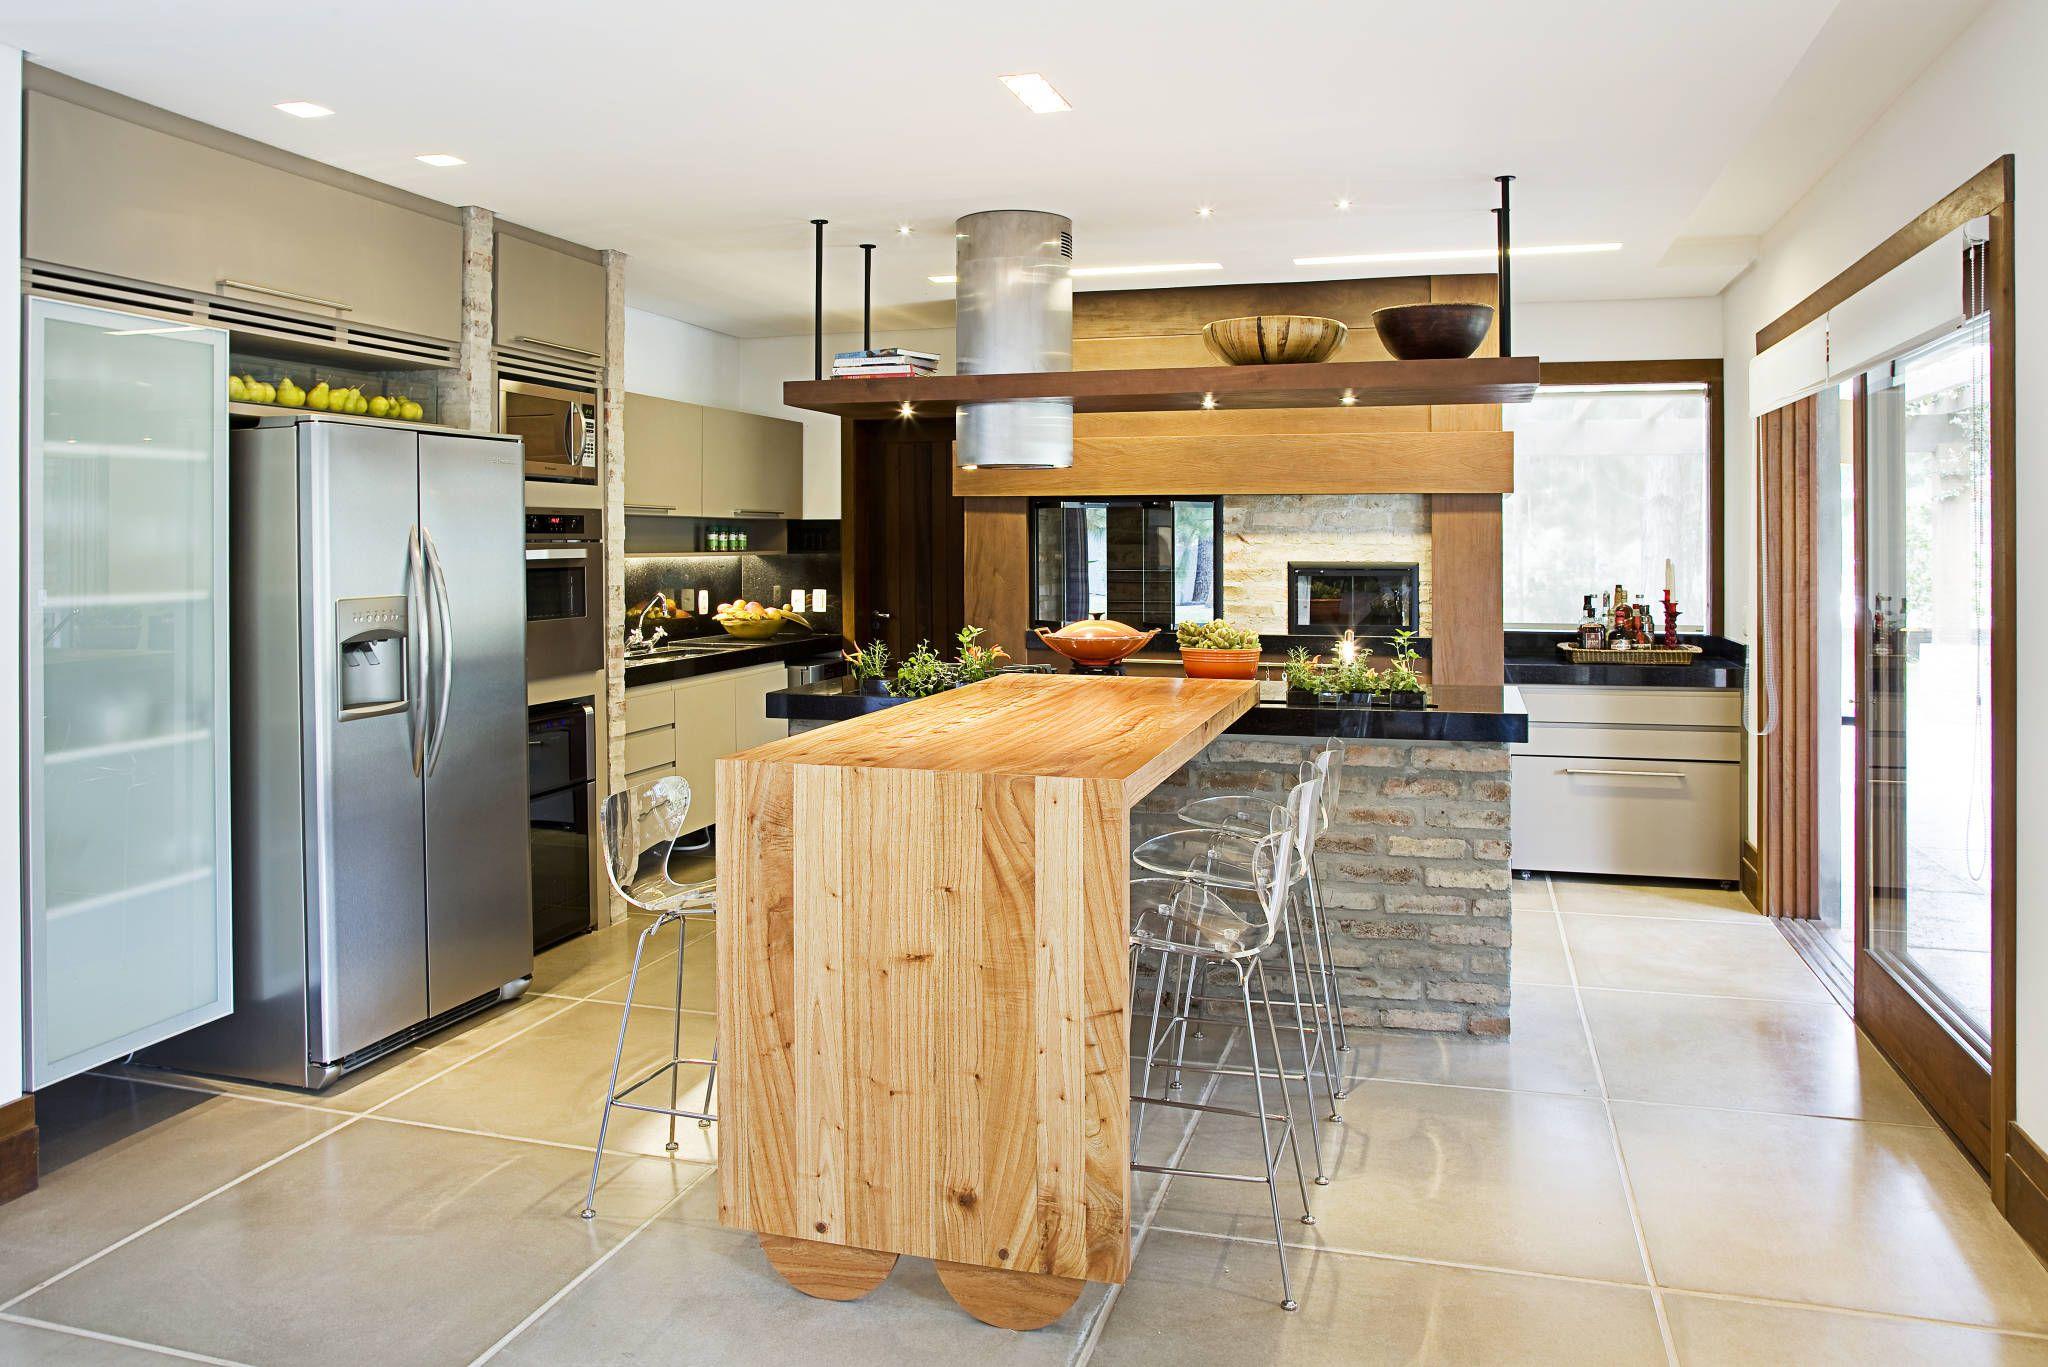 Imágenes de Decoración y Diseño de Interiores | Cocina ecléctica ...